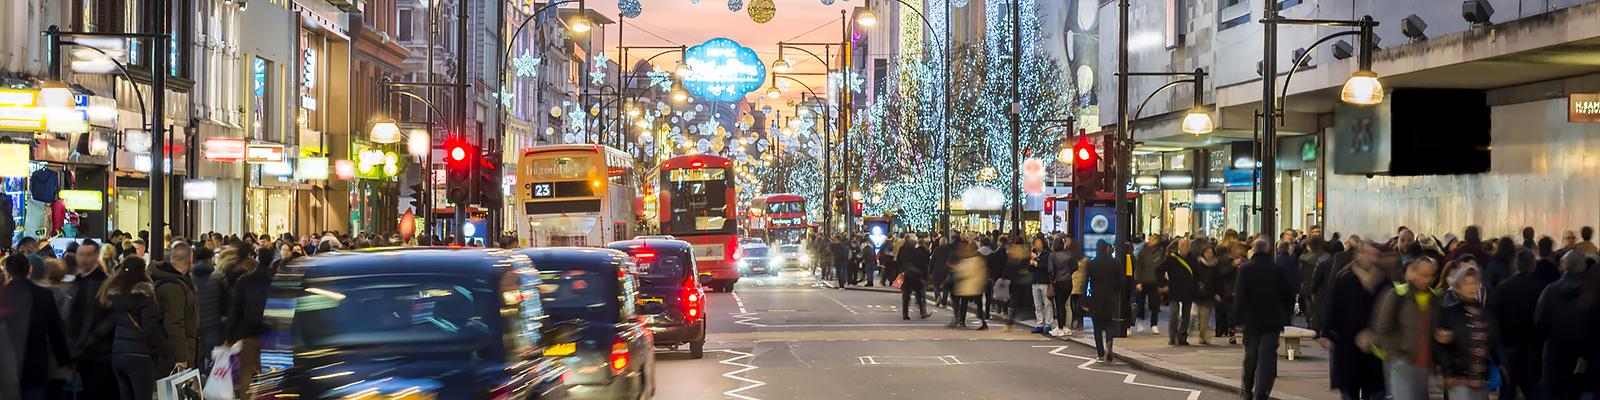 ロンドン 年末 イメージ